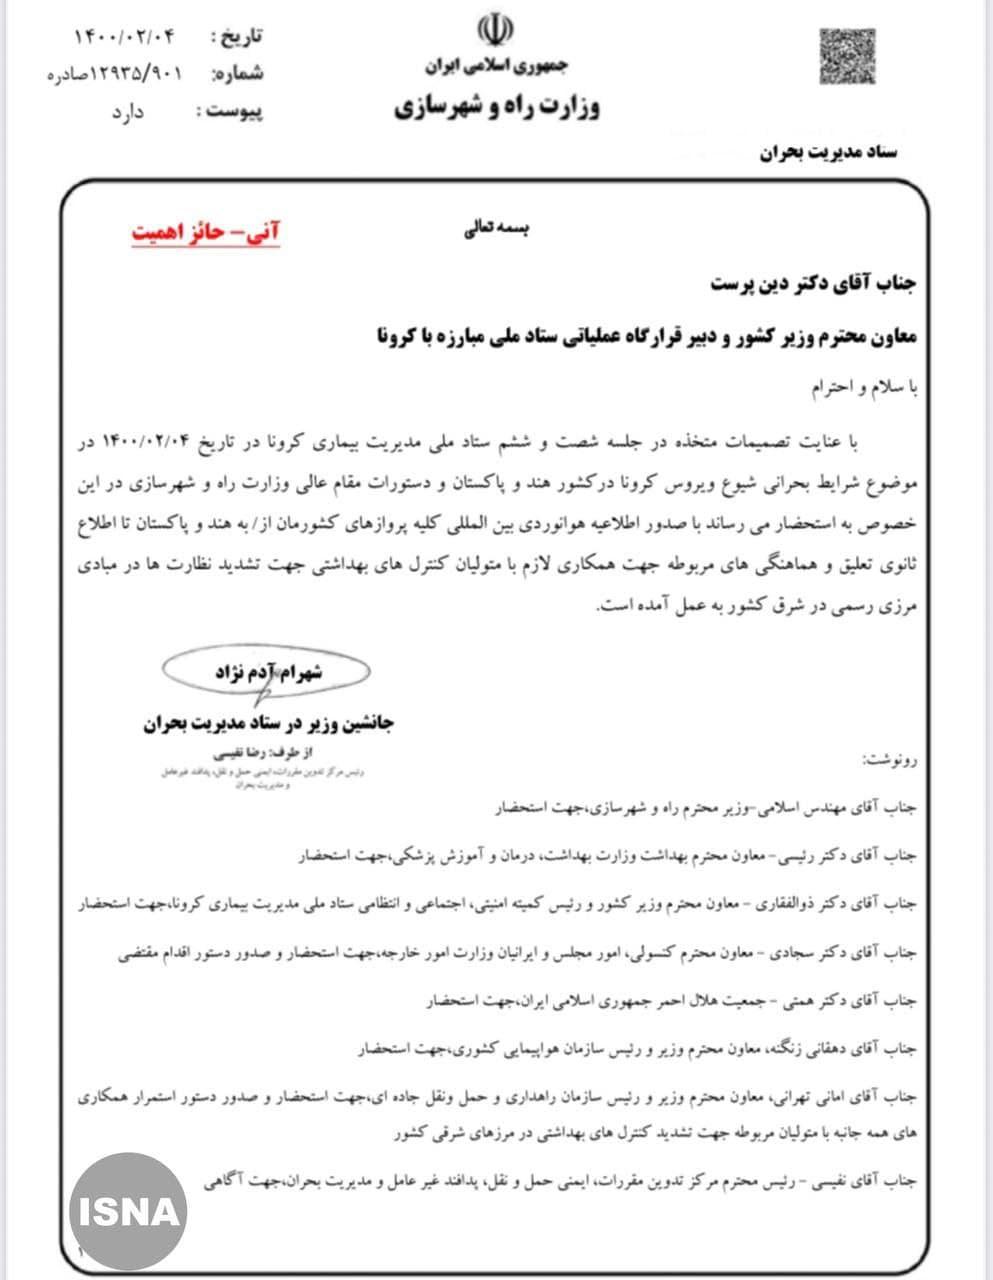 نامه وزارت راه به وزارت کشور پس از توقف کلیه پروازهای ایران